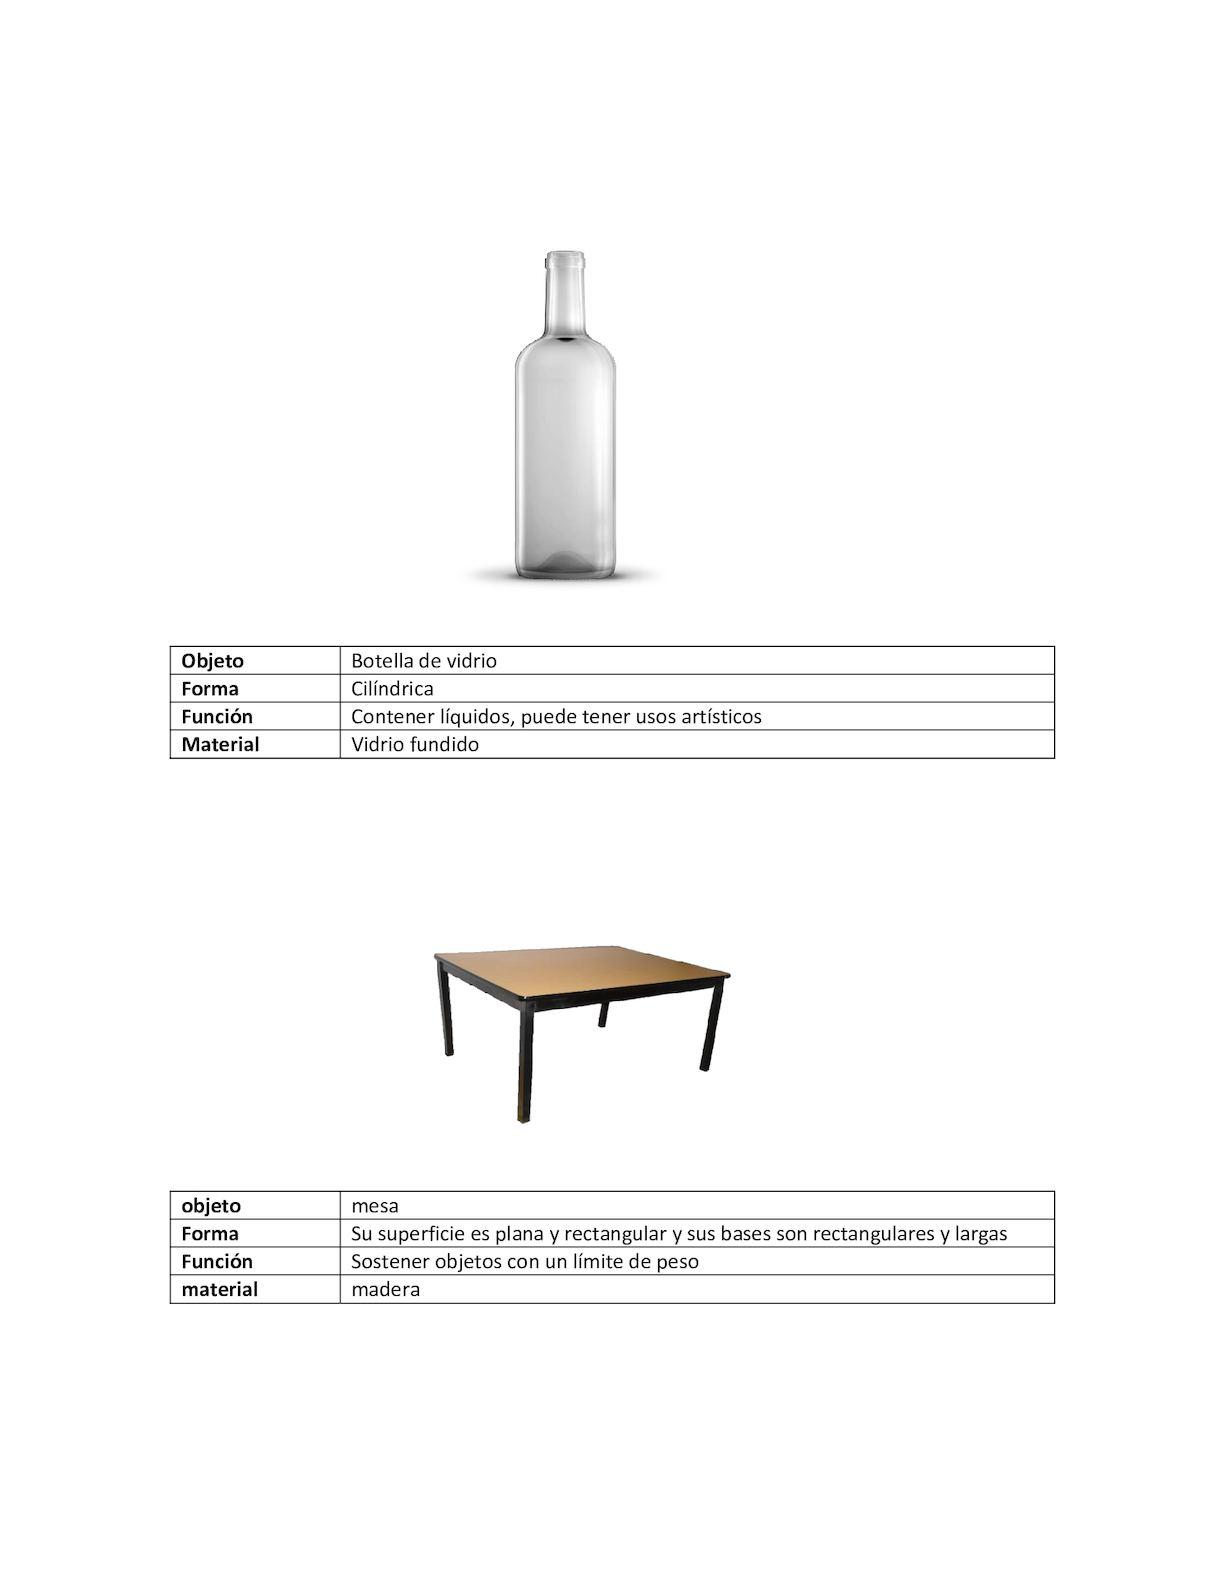 CONCEPTO DE DISEÑO Y FORMA: Forma, función, materia